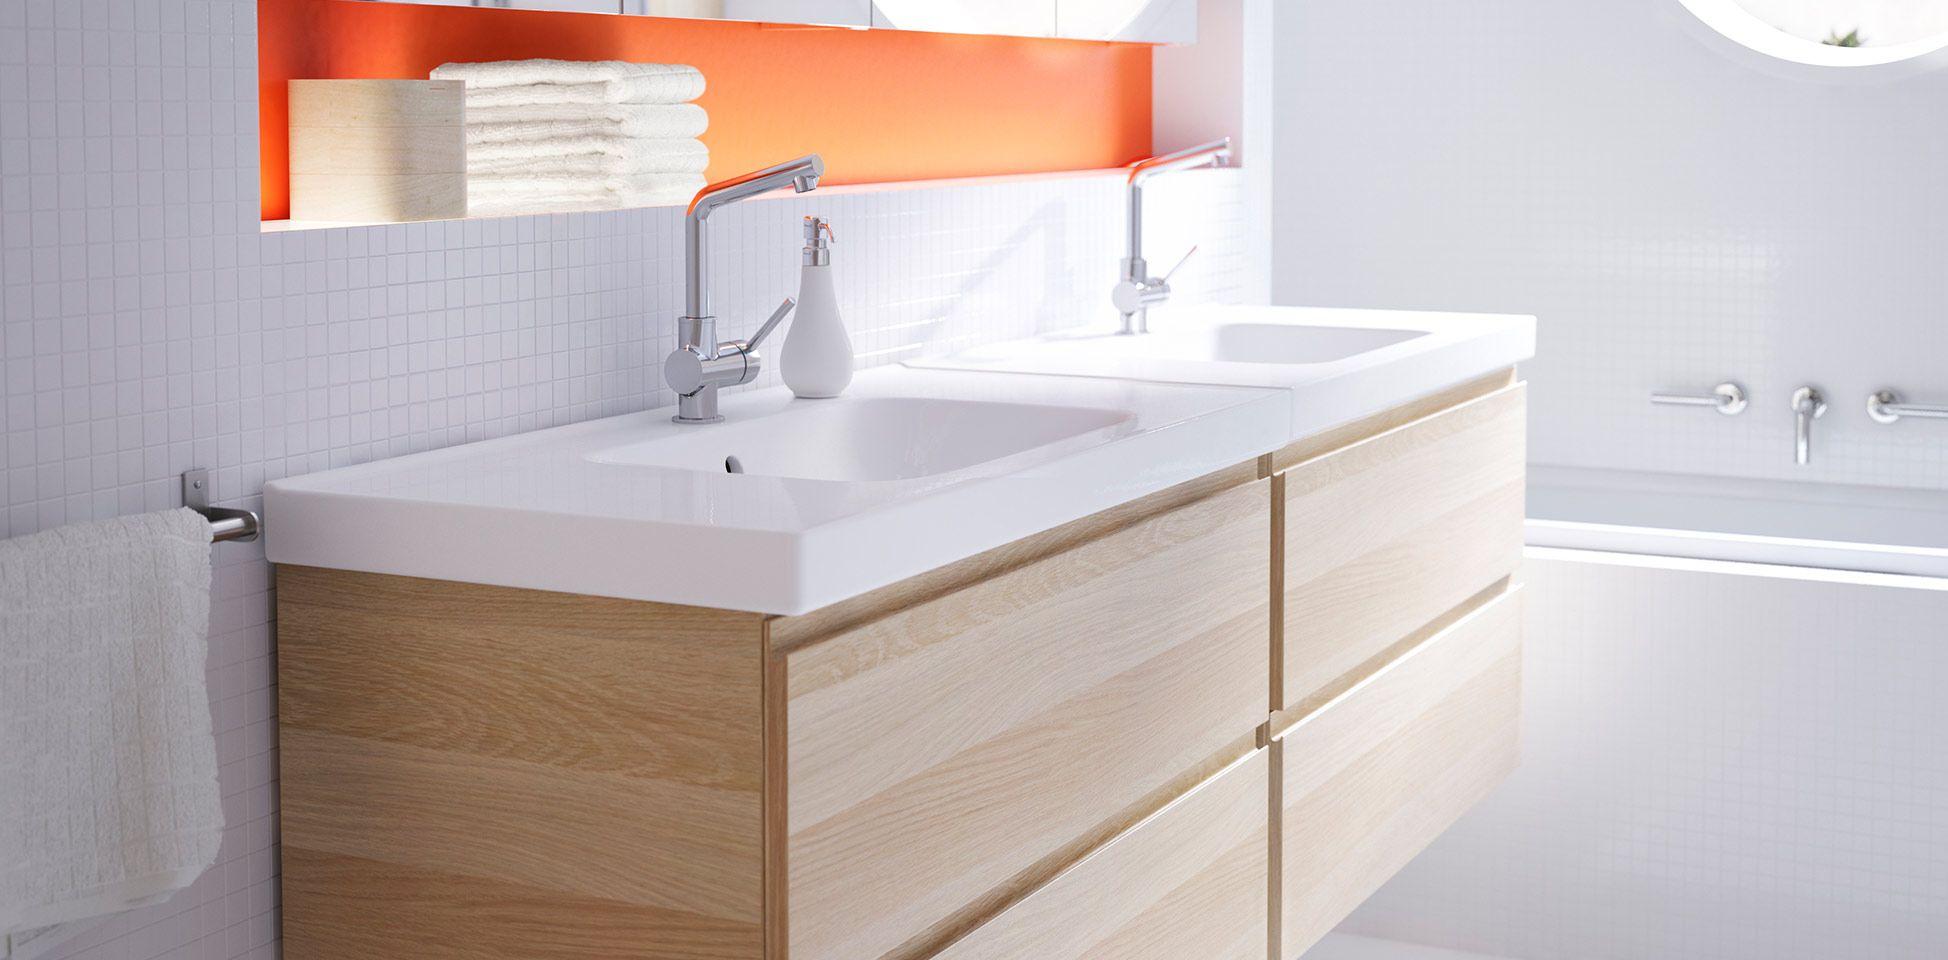 Nett Ikea Usa Küchenhängeschränke Bilder - Küche Set Ideen ...